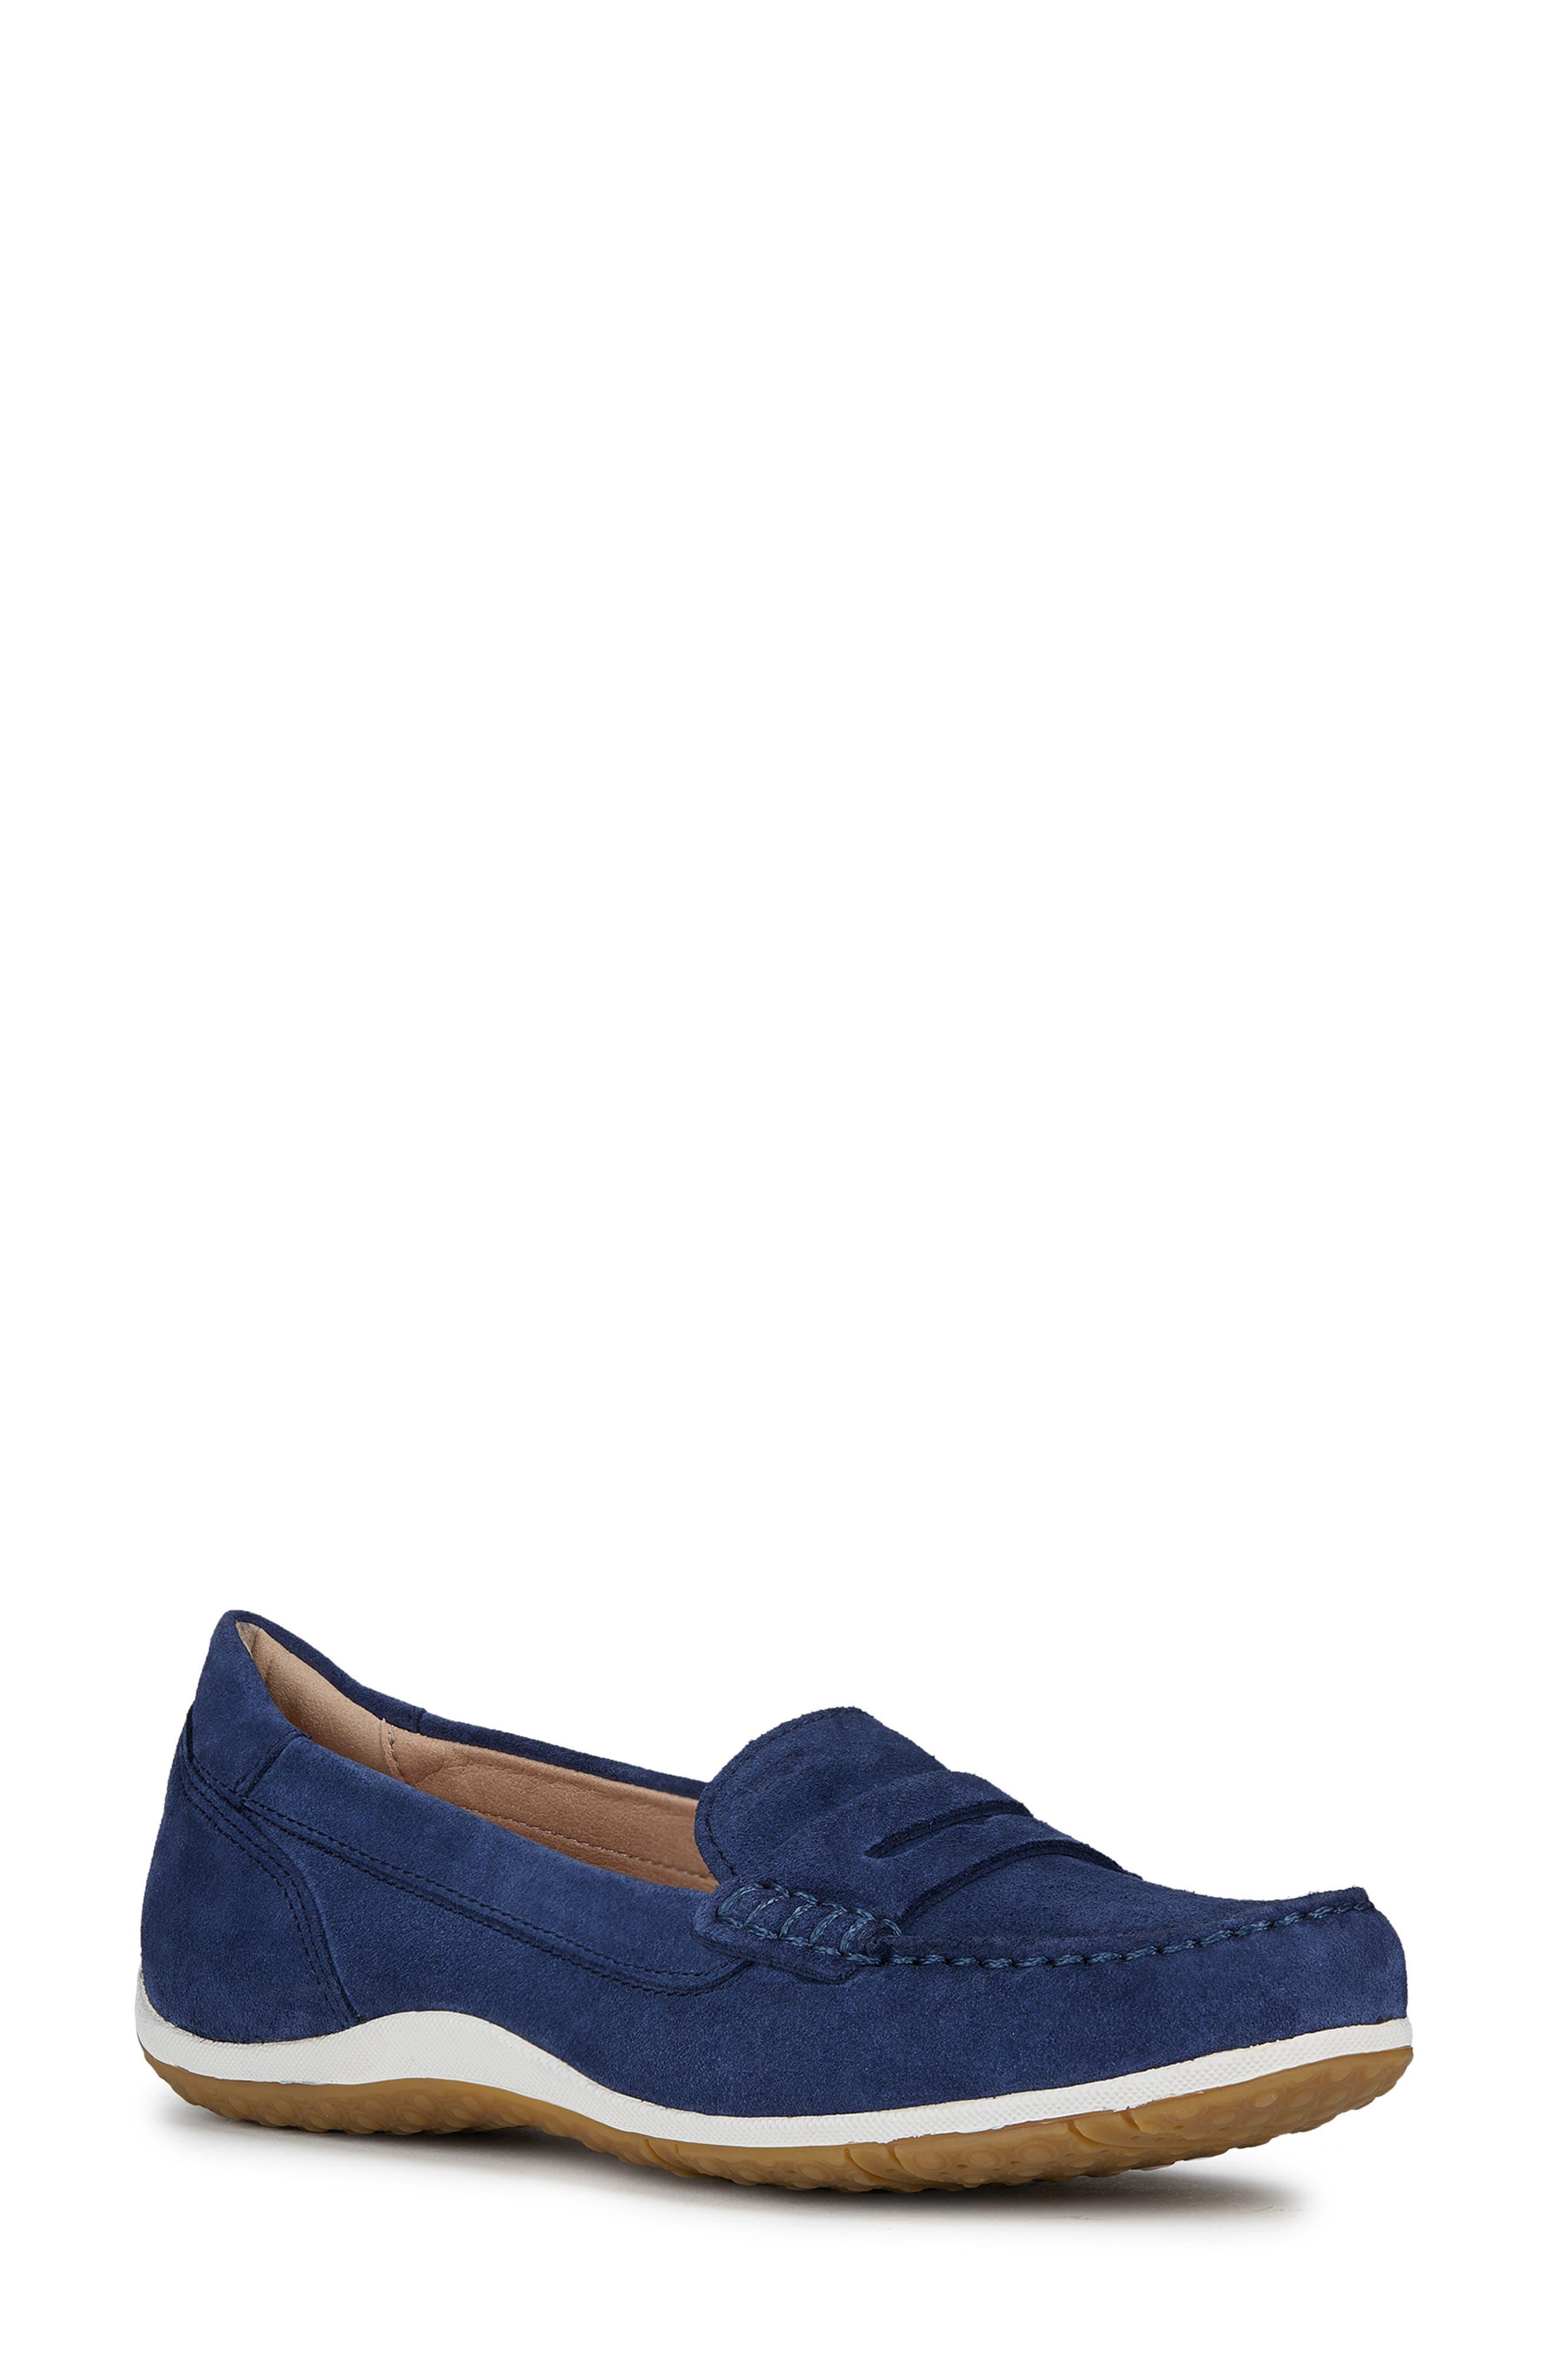 GEOX Vega Moc Loafer, Main, color, BLUE SUEDE